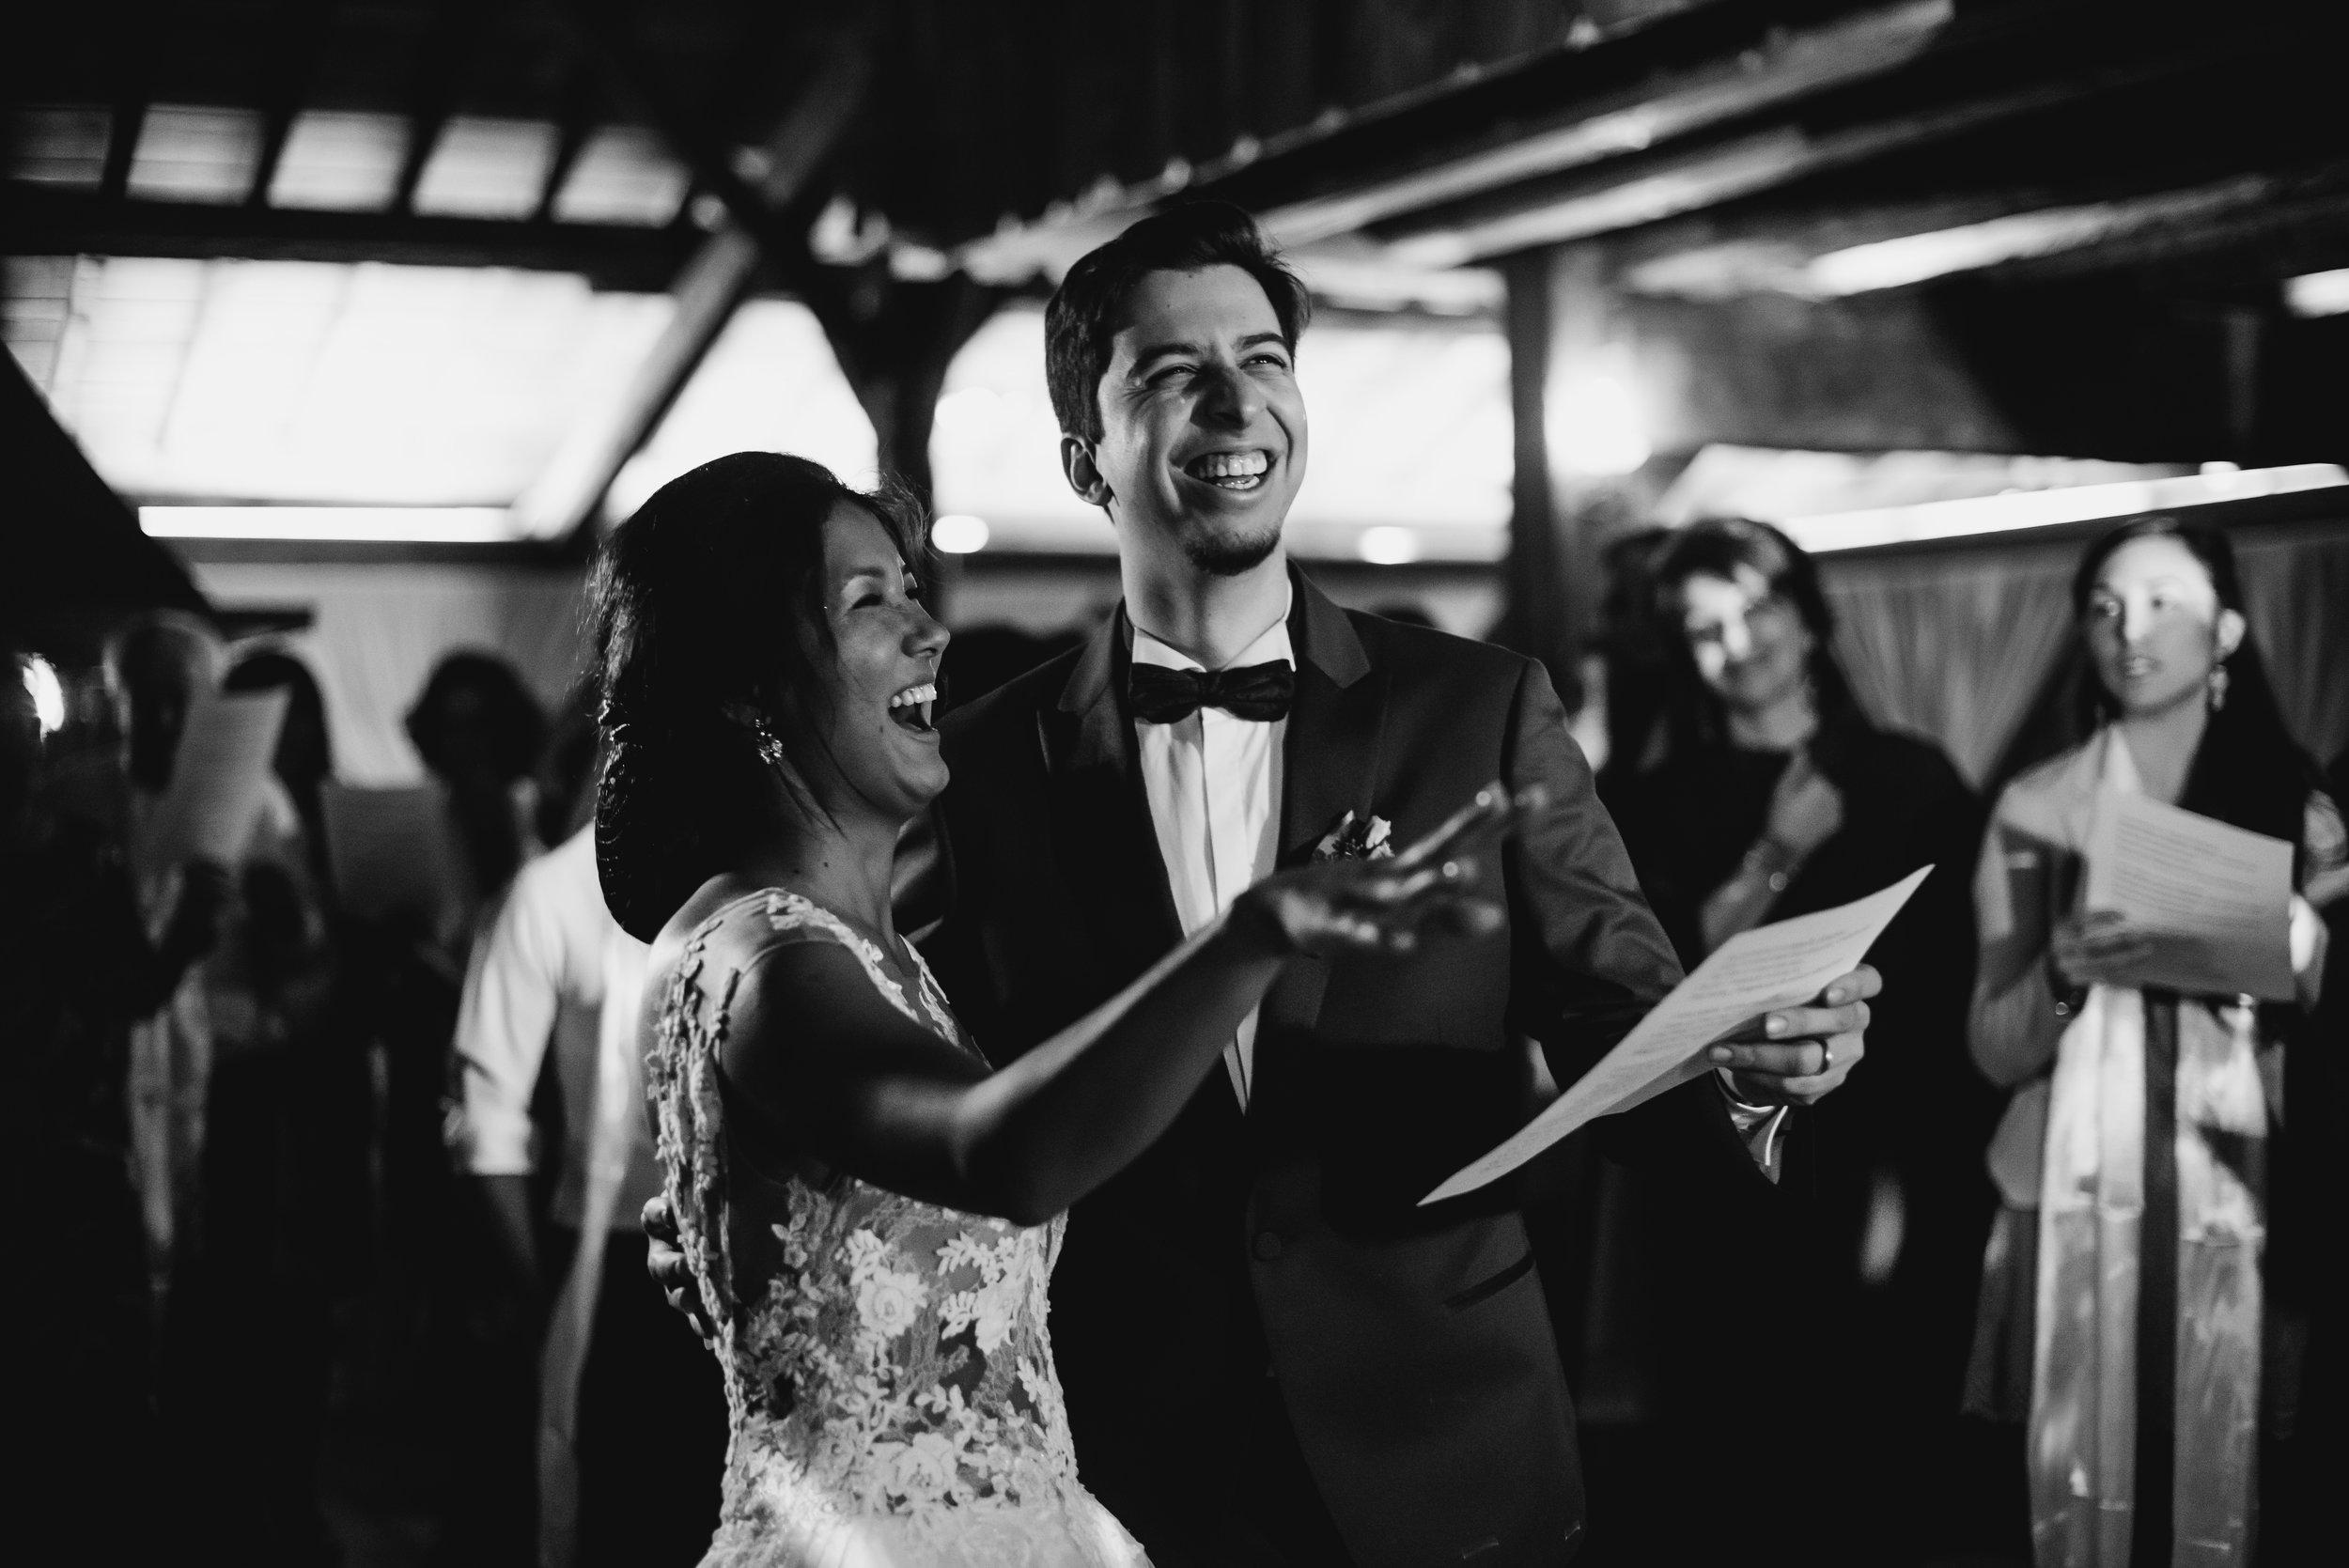 Léa-Fery-photographe-professionnel-lyon-rhone-alpes-portrait-creation-mariage-evenement-evenementiel-famille-9075.jpg